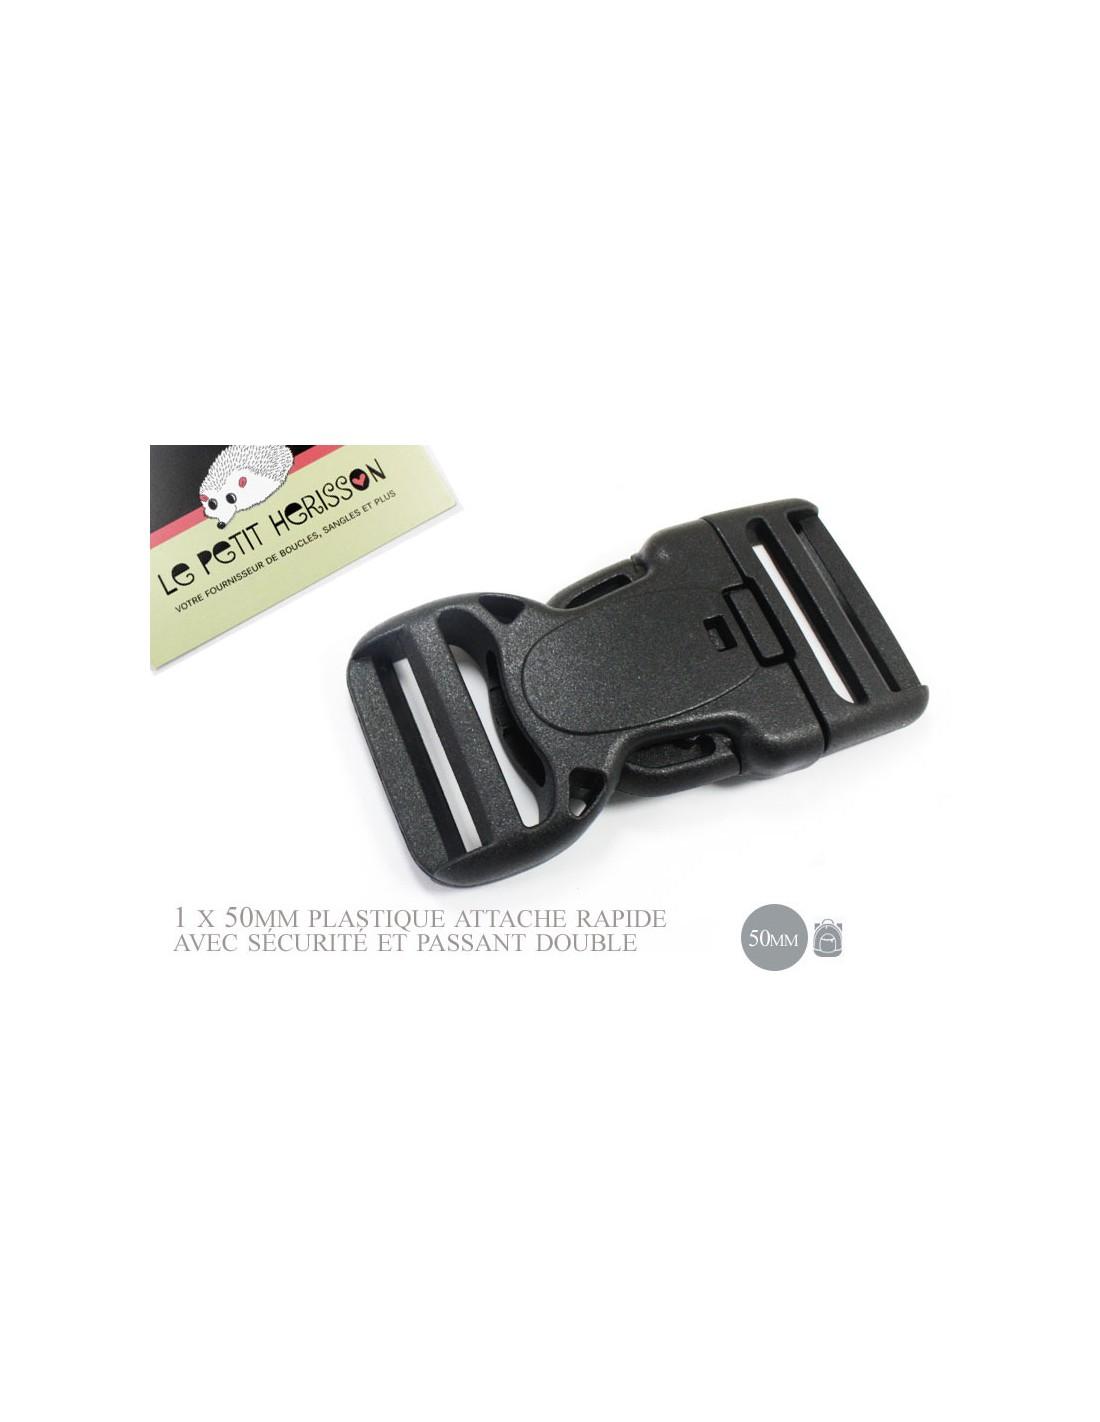 ... 1 x 50mm Boucle Attache Rapide   Fermoir Clip   Plastique   Sécurité    Noir  ... 0f29b3ef109